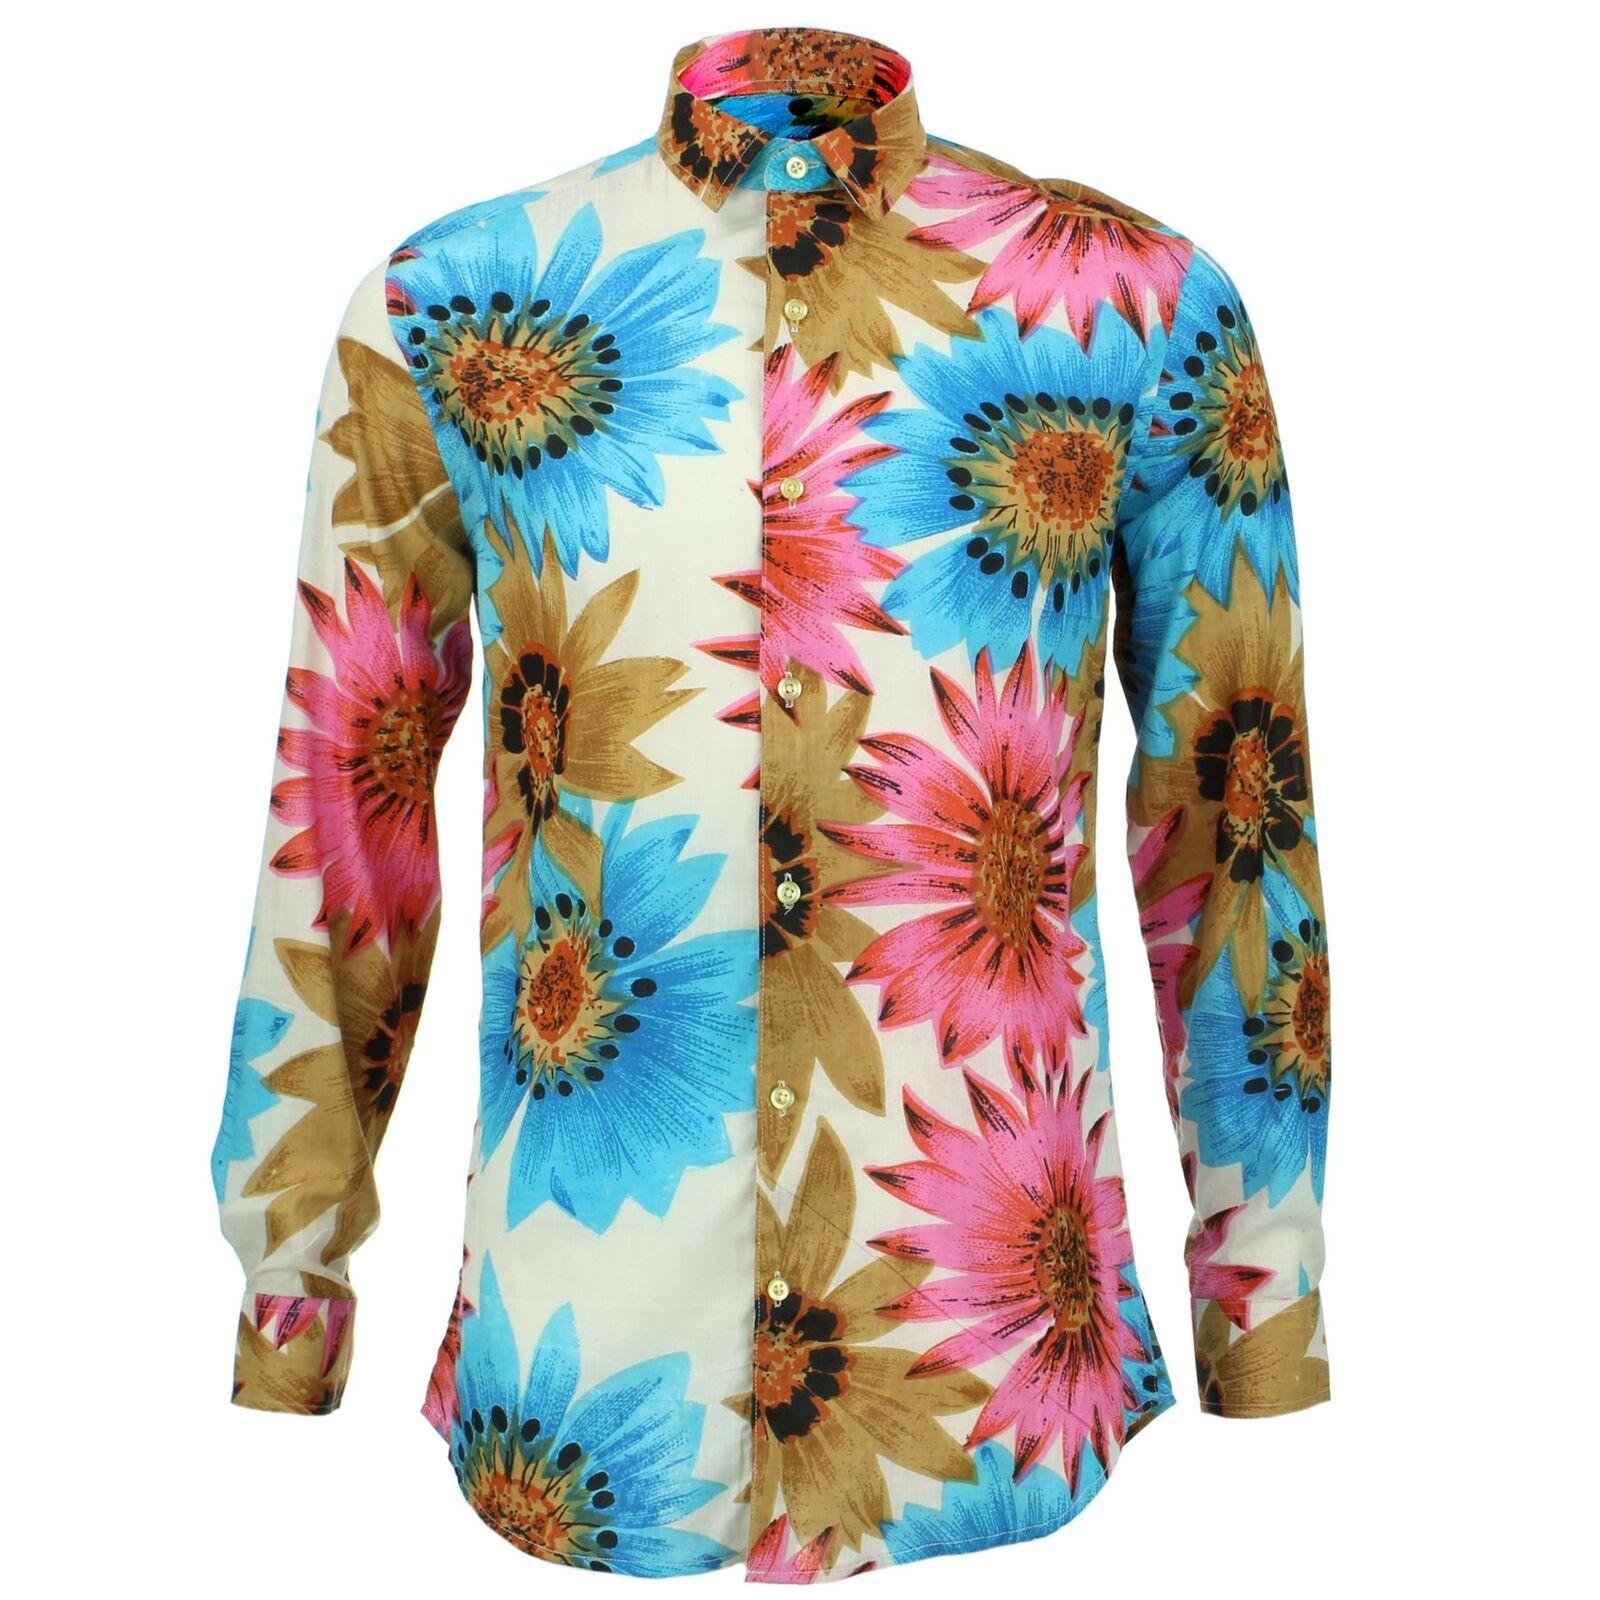 Camicia da uomo Loud ORIGINALS fatto su misura BLU FLOREALE rétro psichedelico